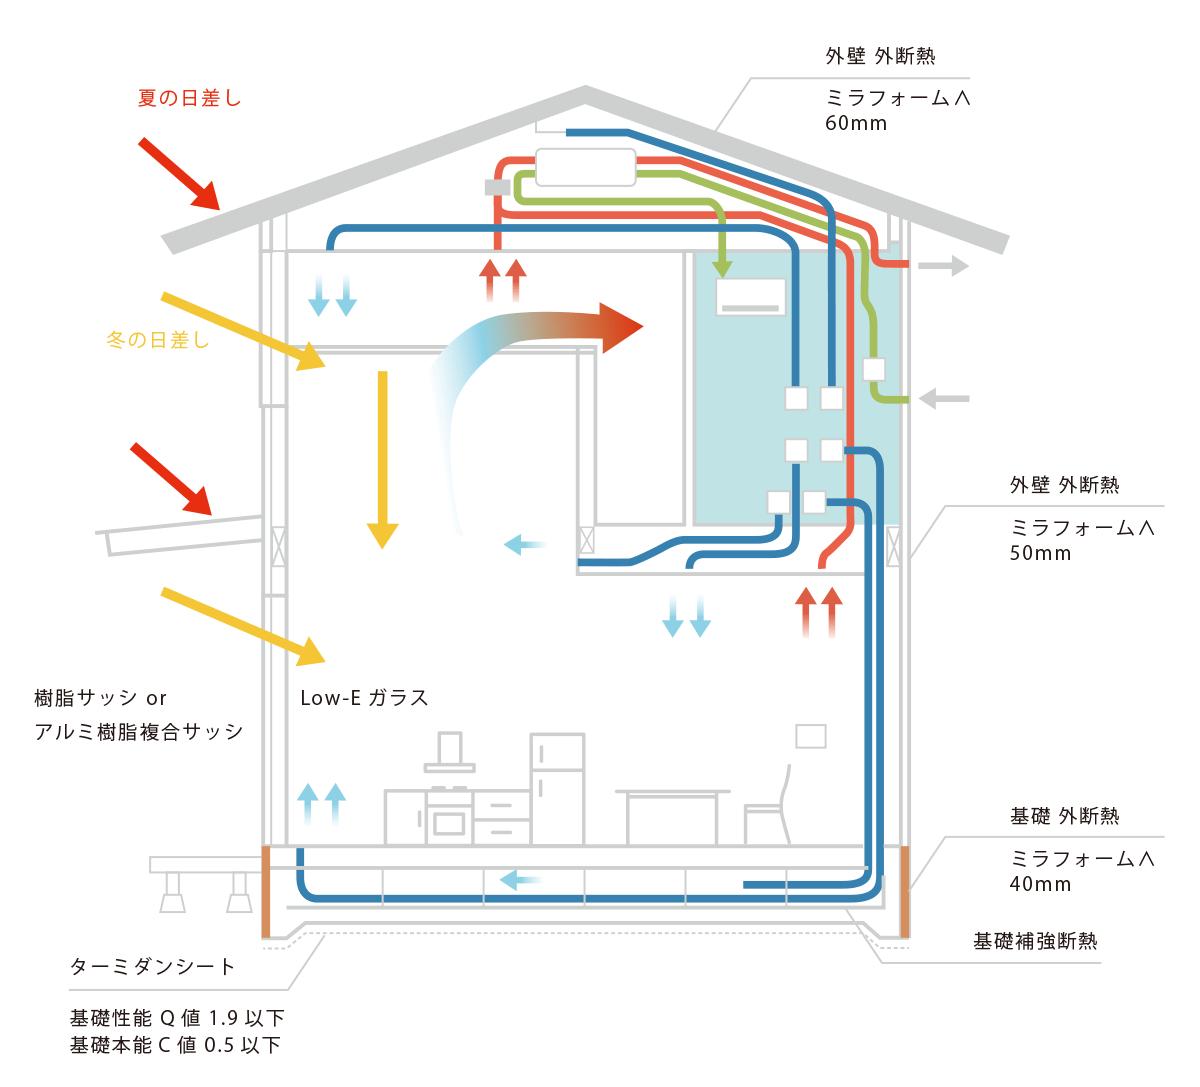 全館空調システムの空気循環イメージ